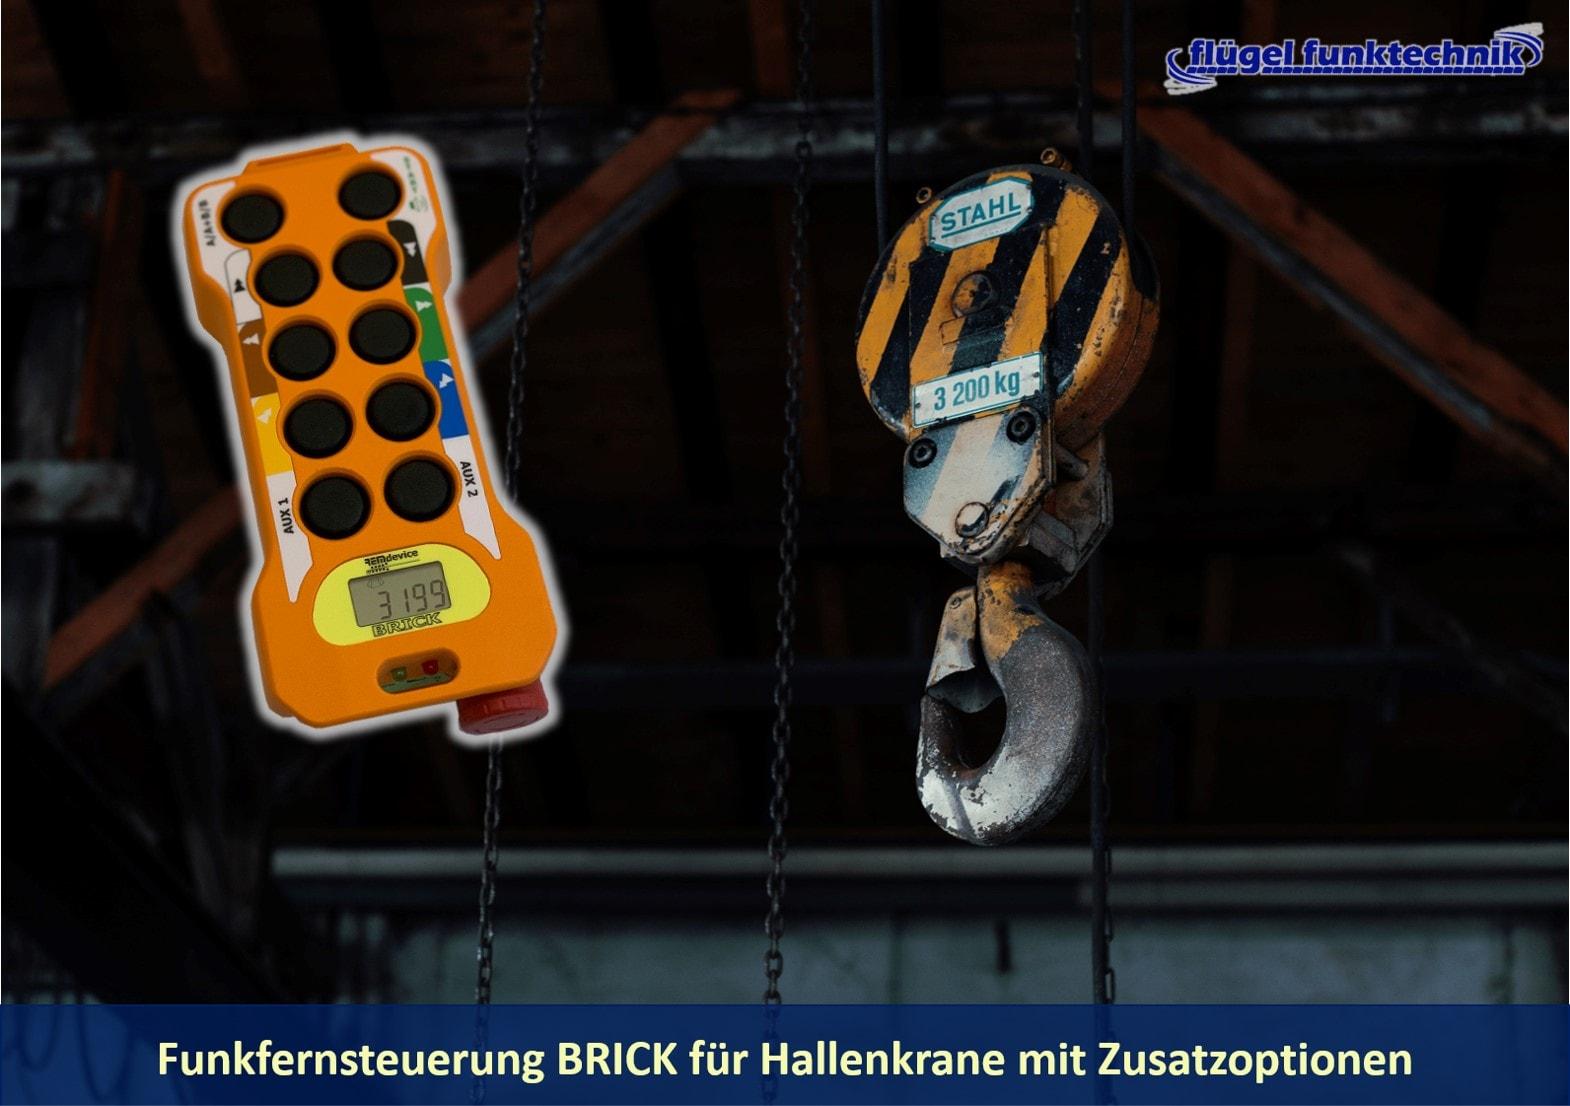 Funkfernsteuerung BRICK für Hallenkrane mit Rückmeldung auf dem Display